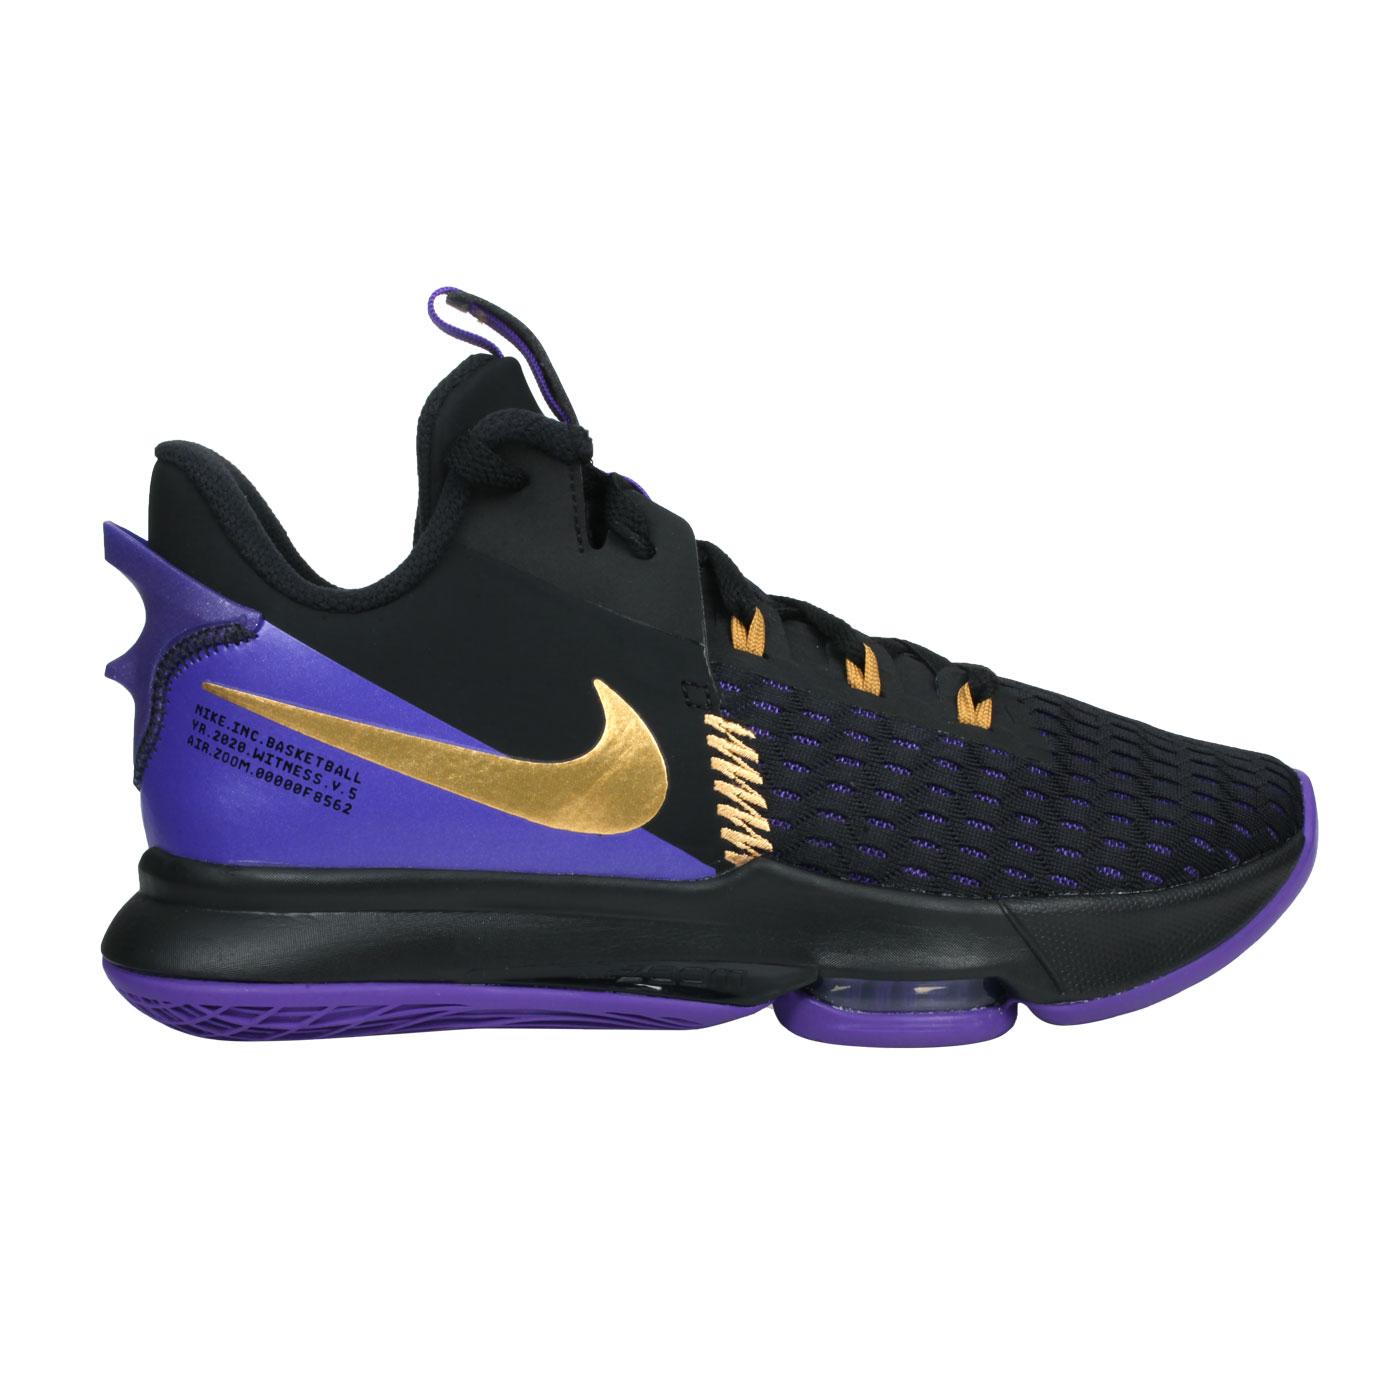 NIKE 男款籃球鞋  @LEBRON WITNESS V EP@CQ9381001